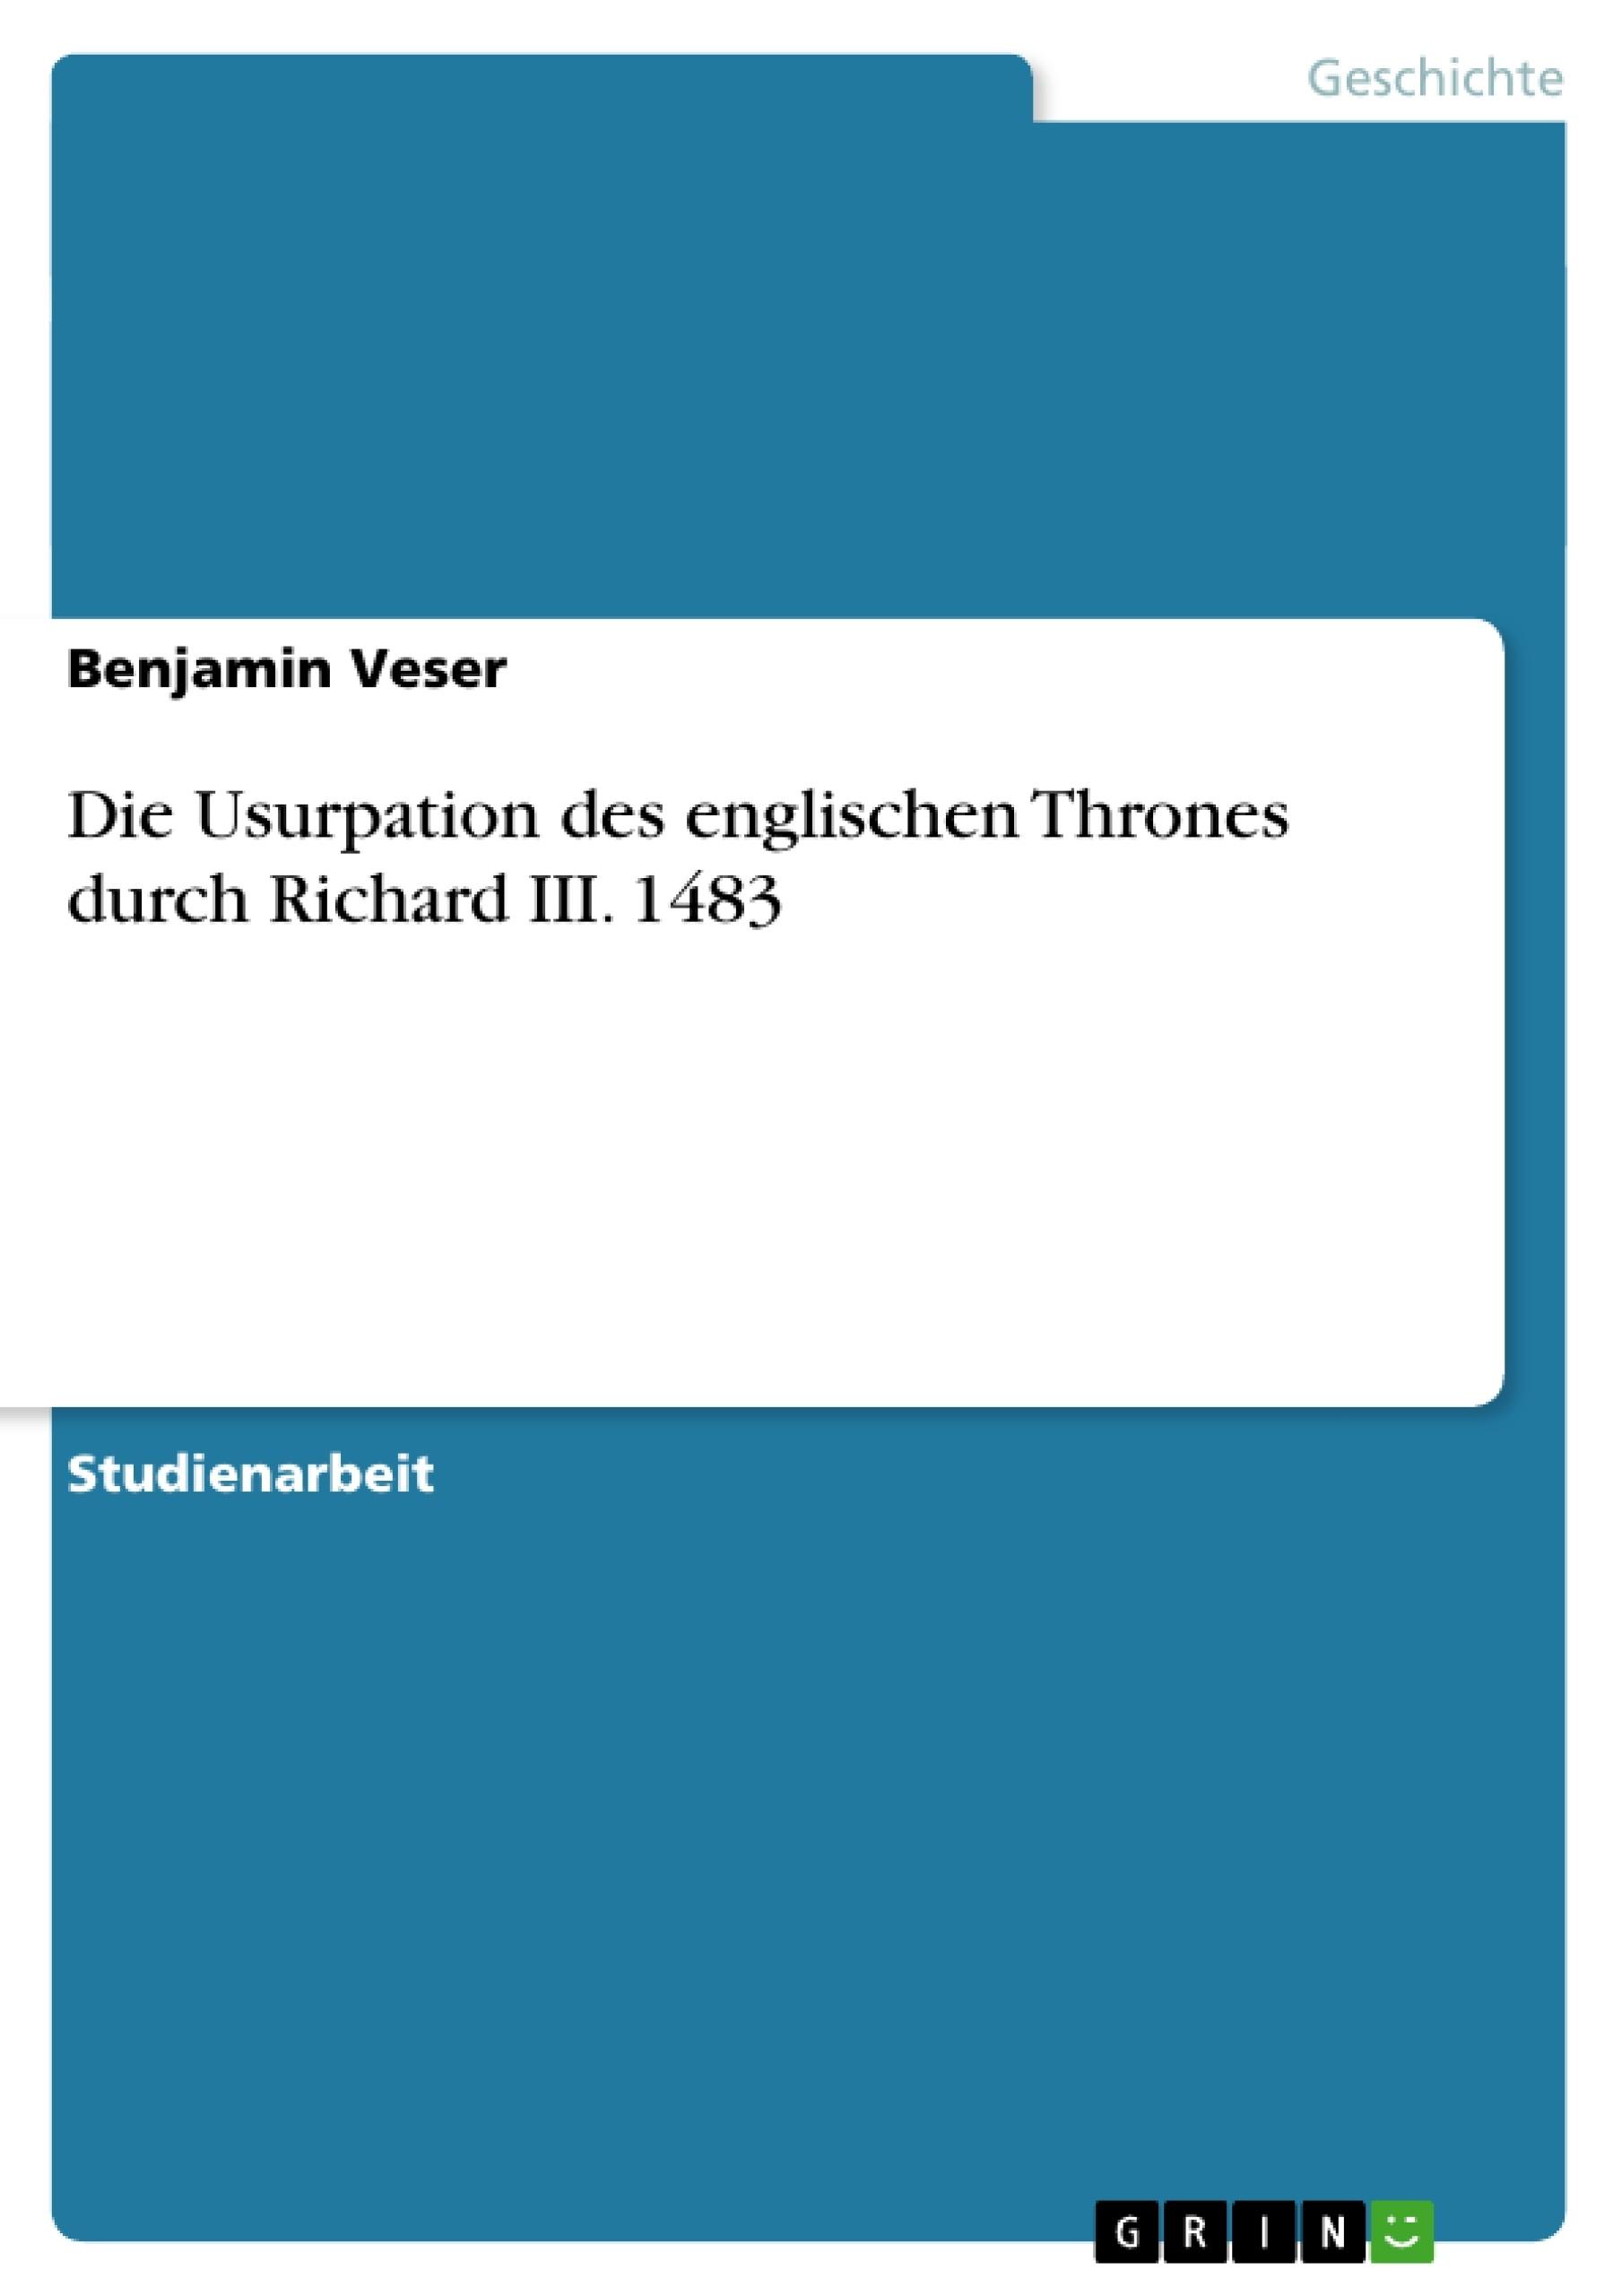 Titel: Die Usurpation des englischen Thrones durch Richard III. 1483